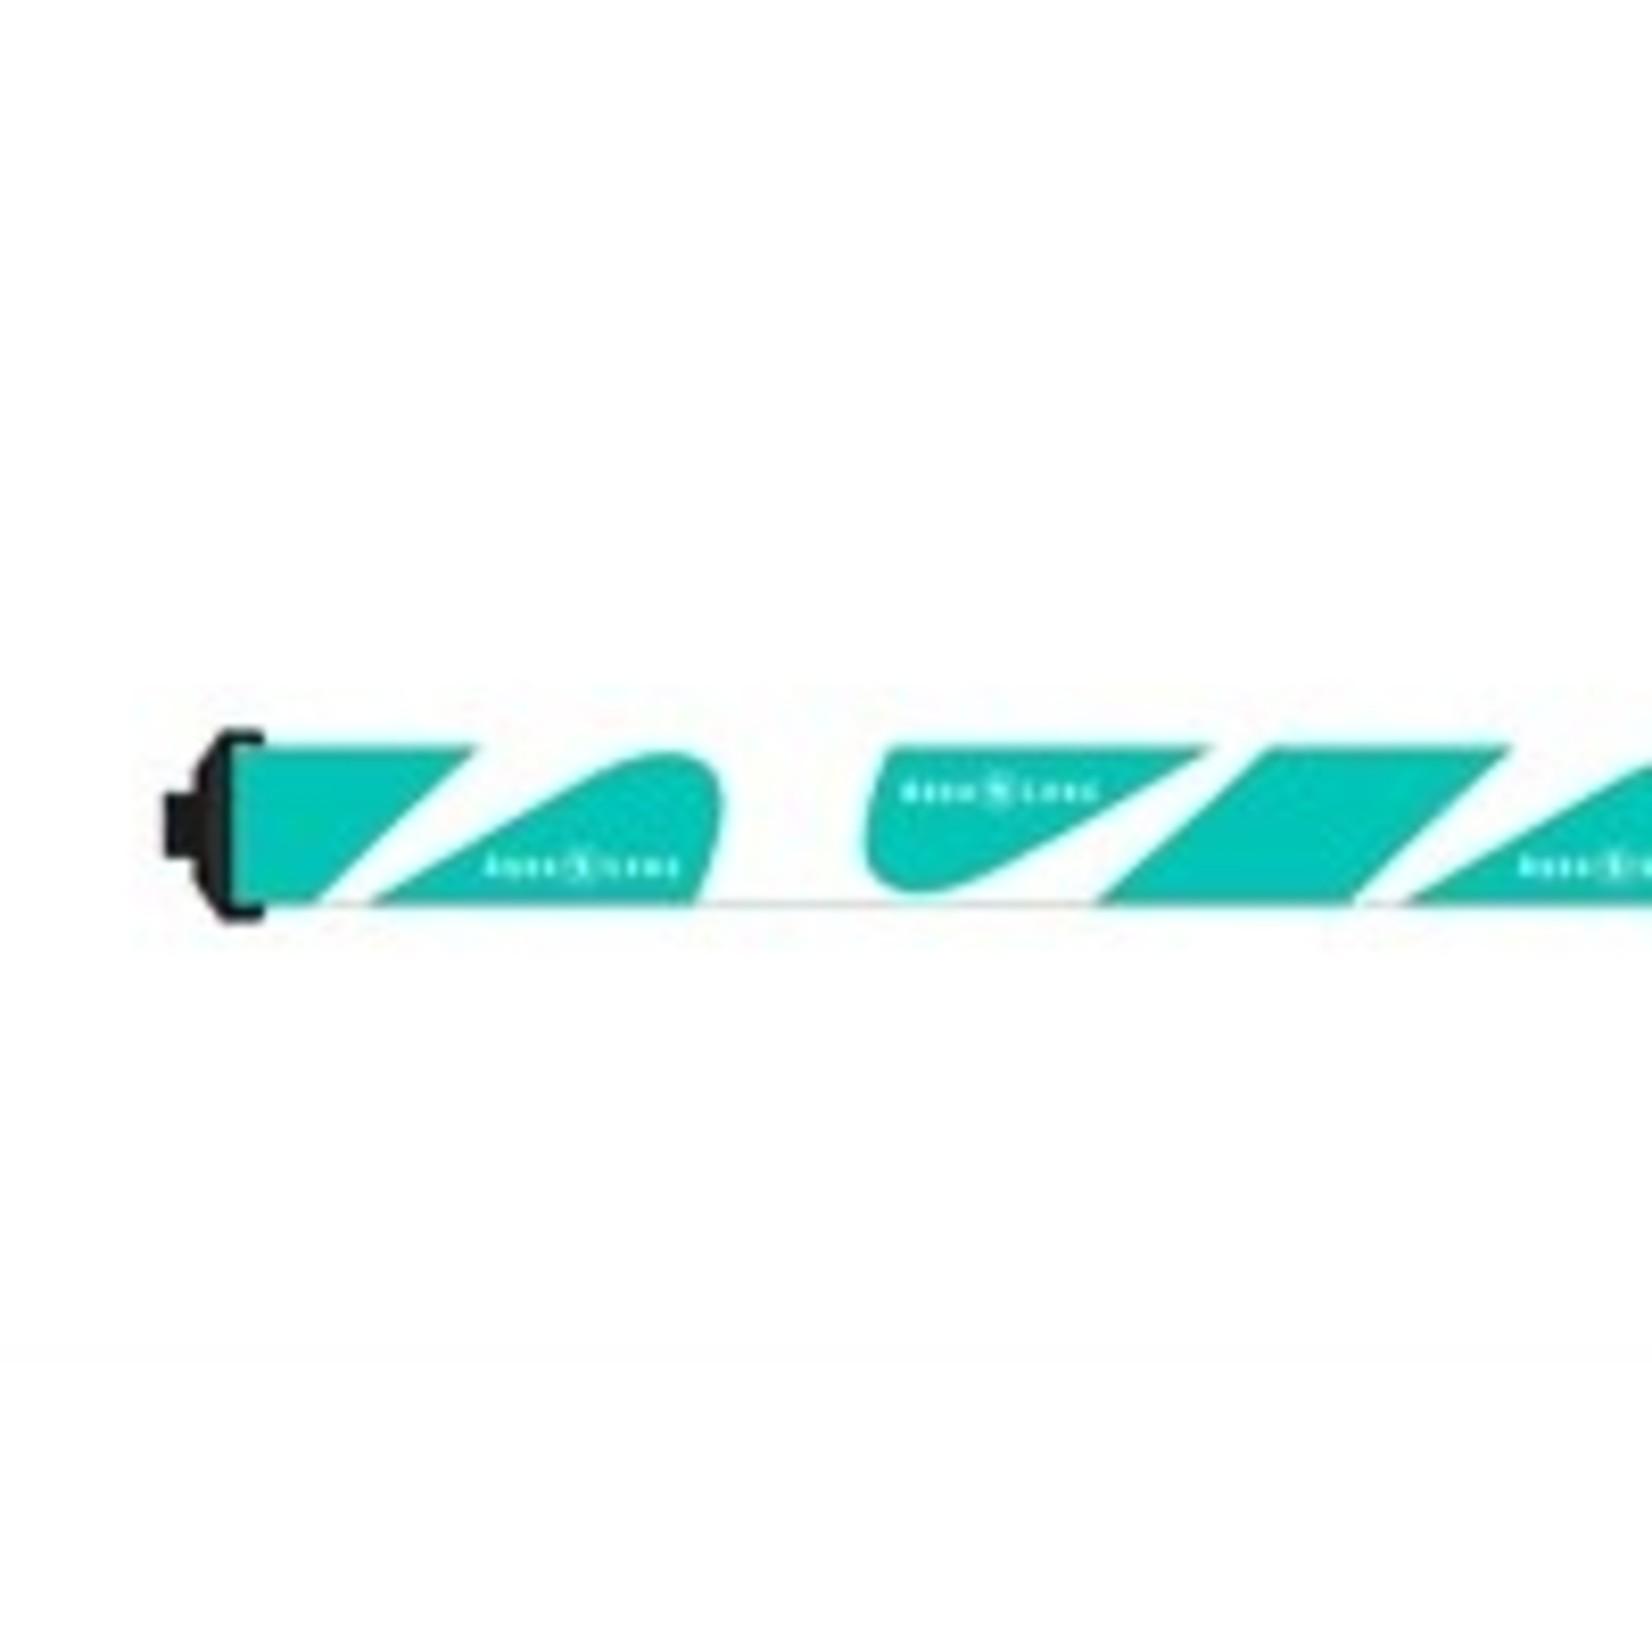 Aqua Lung fast mask strap